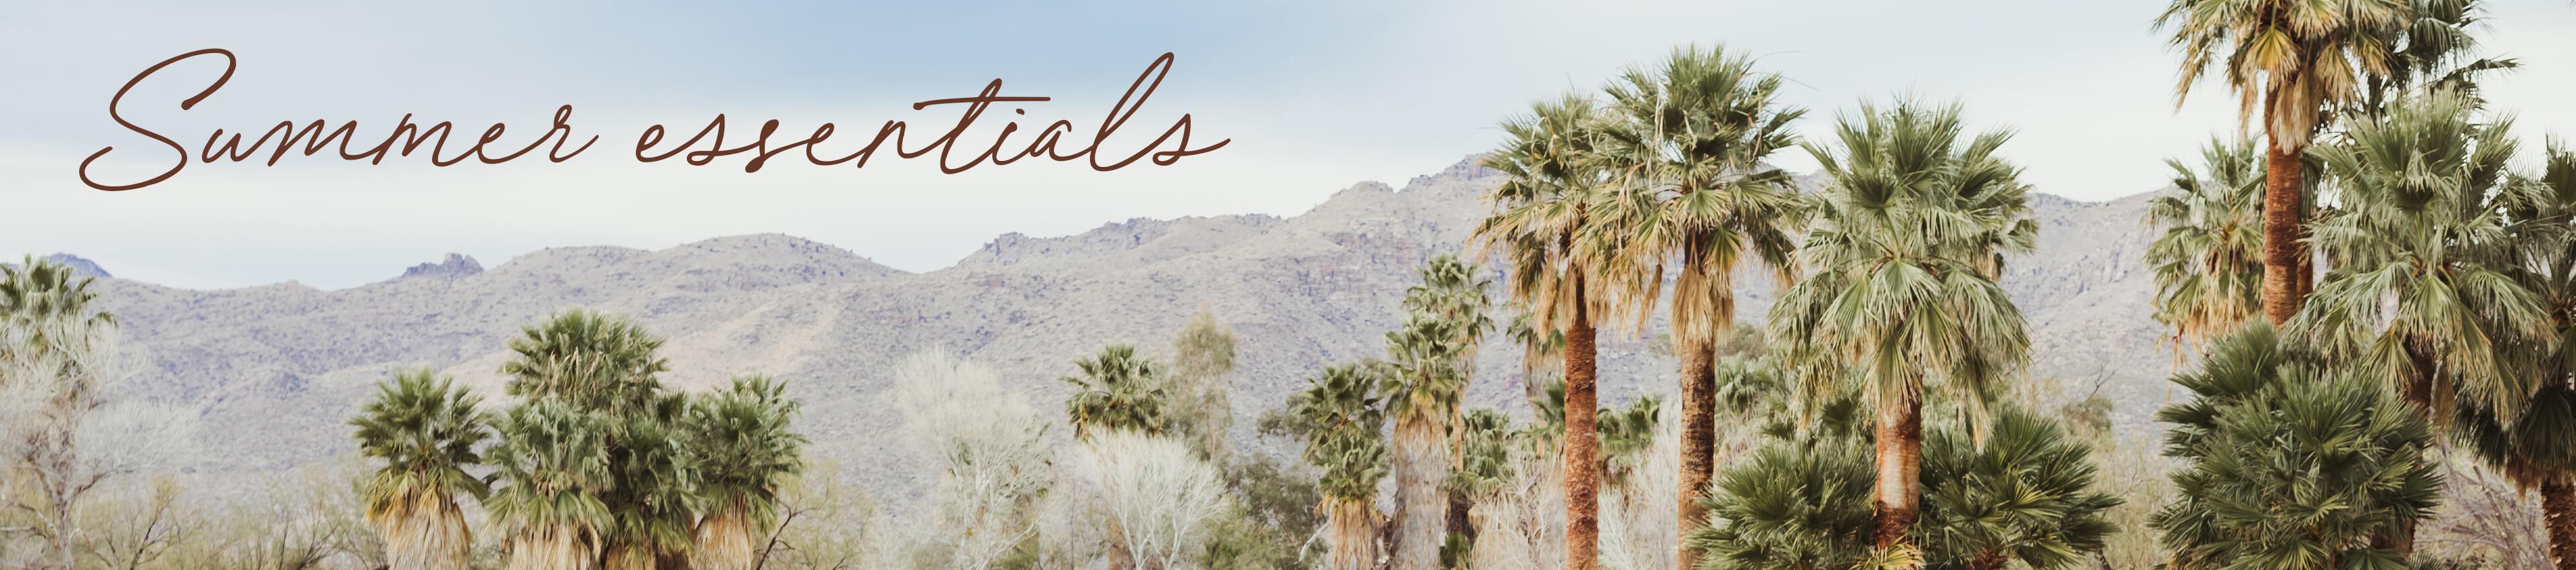 Summer Essentials - Desert Background